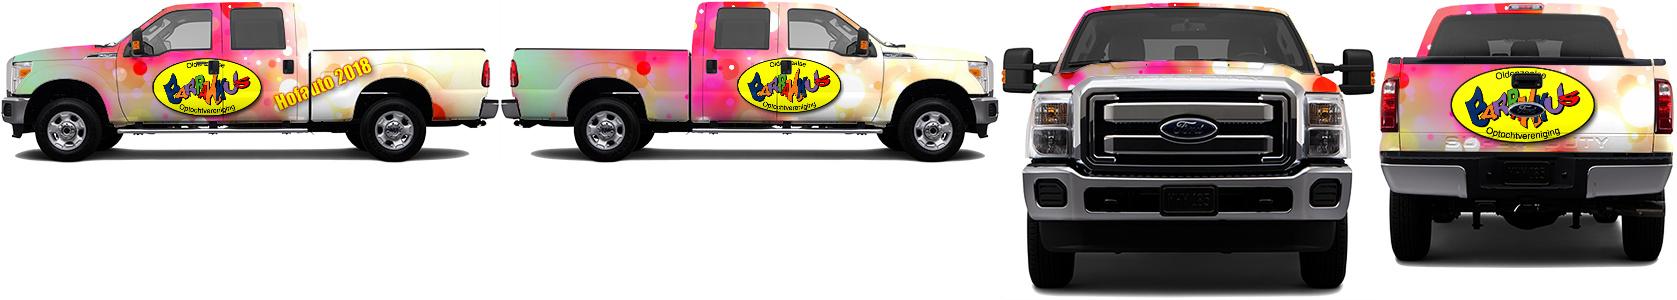 Truck Wrap #45066